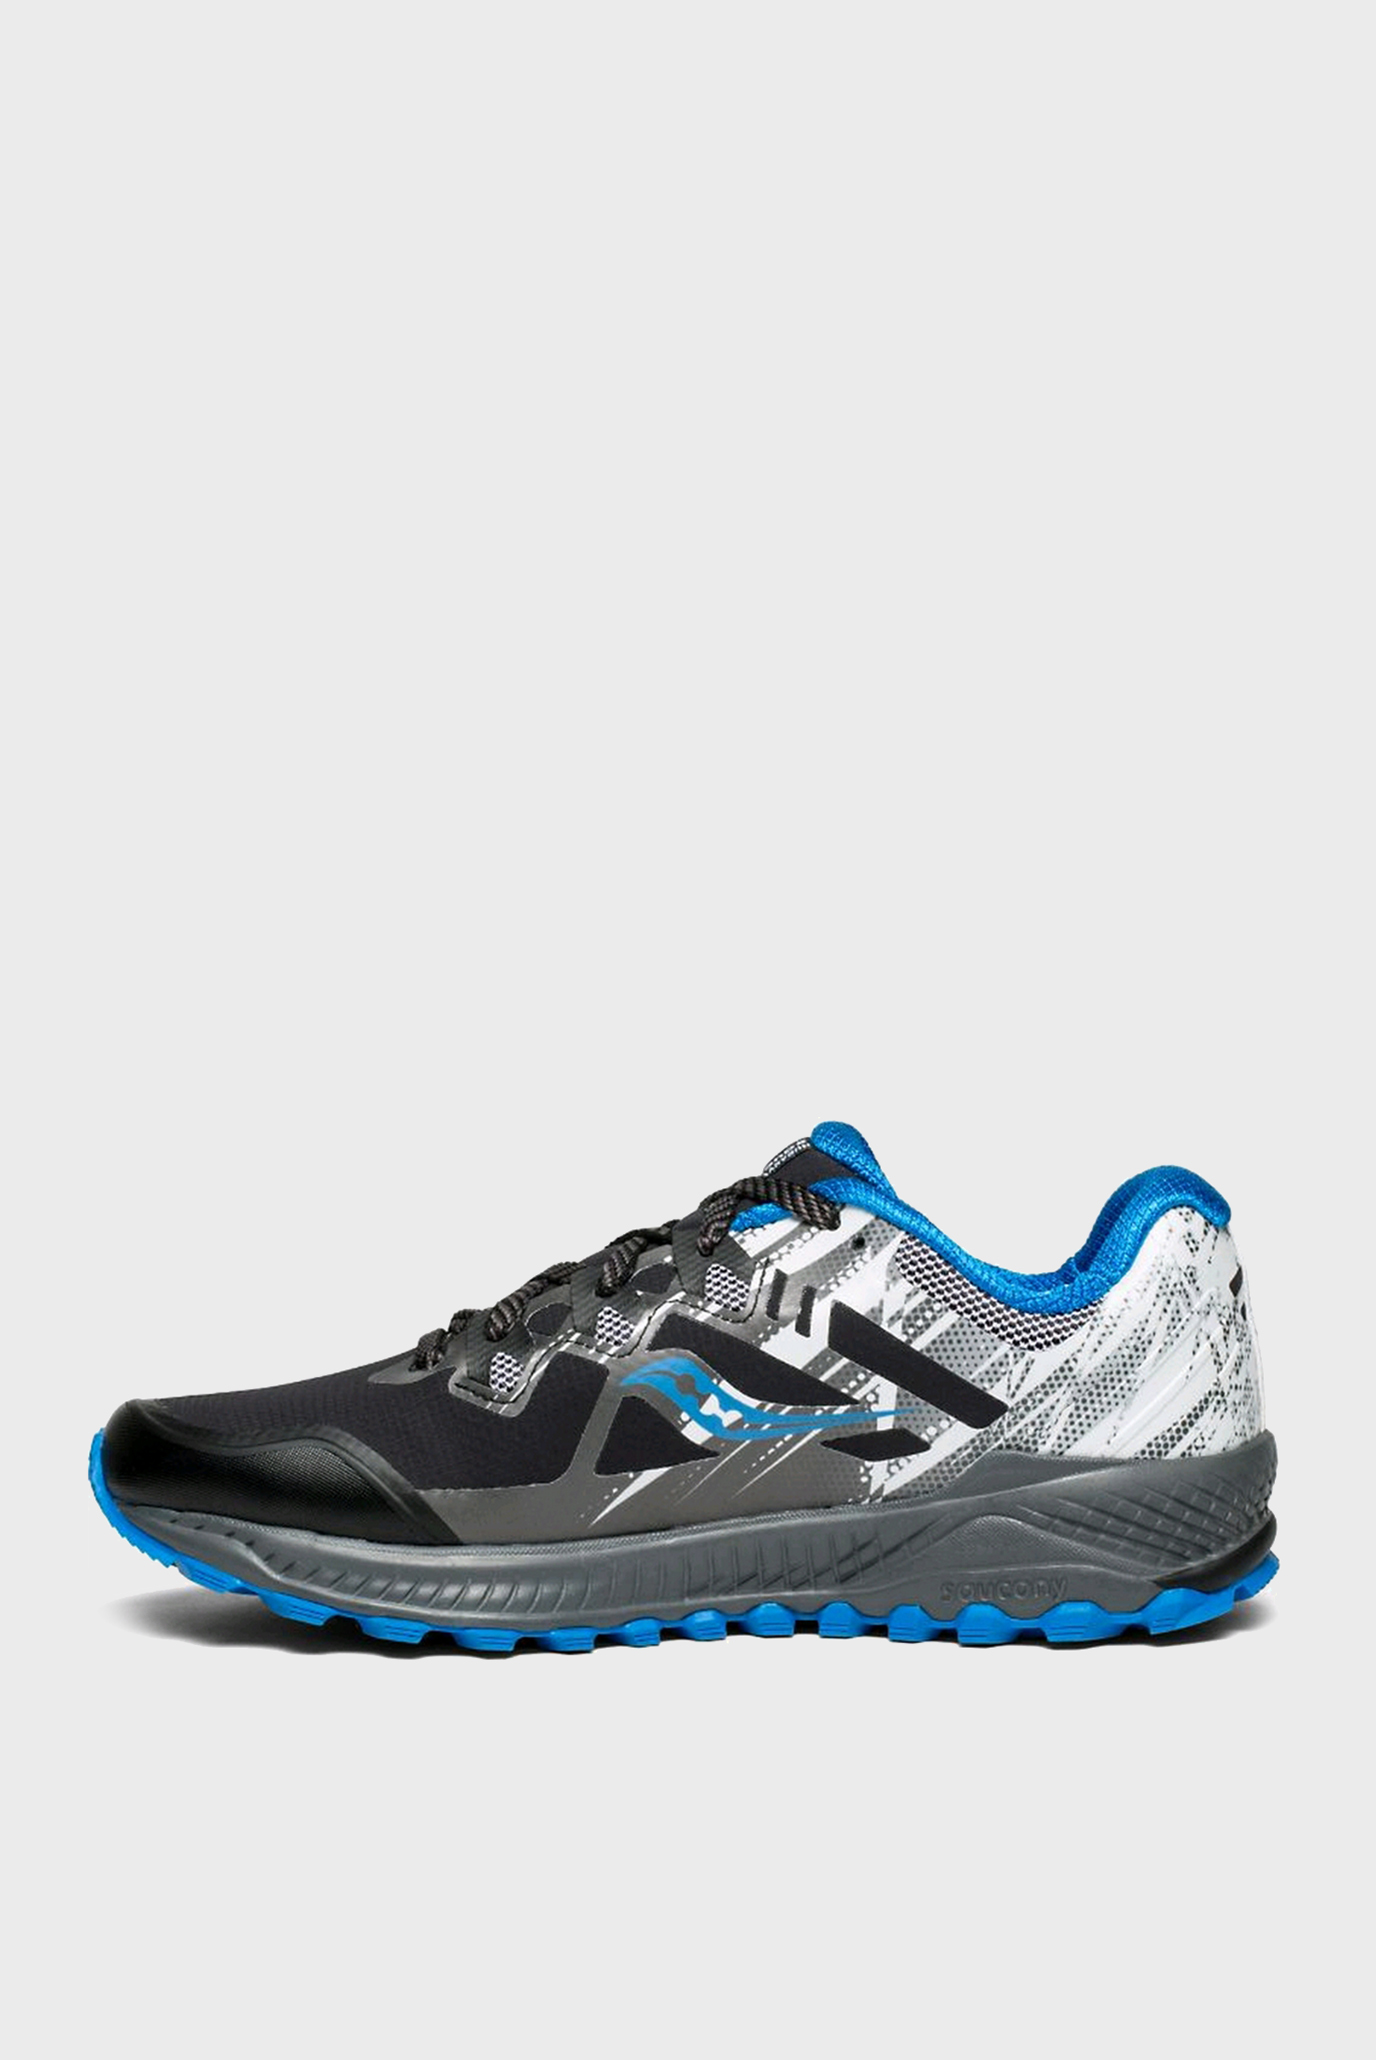 Купить Мужские черные кроссовки PEREGRINE 8 ICE+ Saucony Saucony 20450-1s – Киев, Украина. Цены в интернет магазине MD Fashion